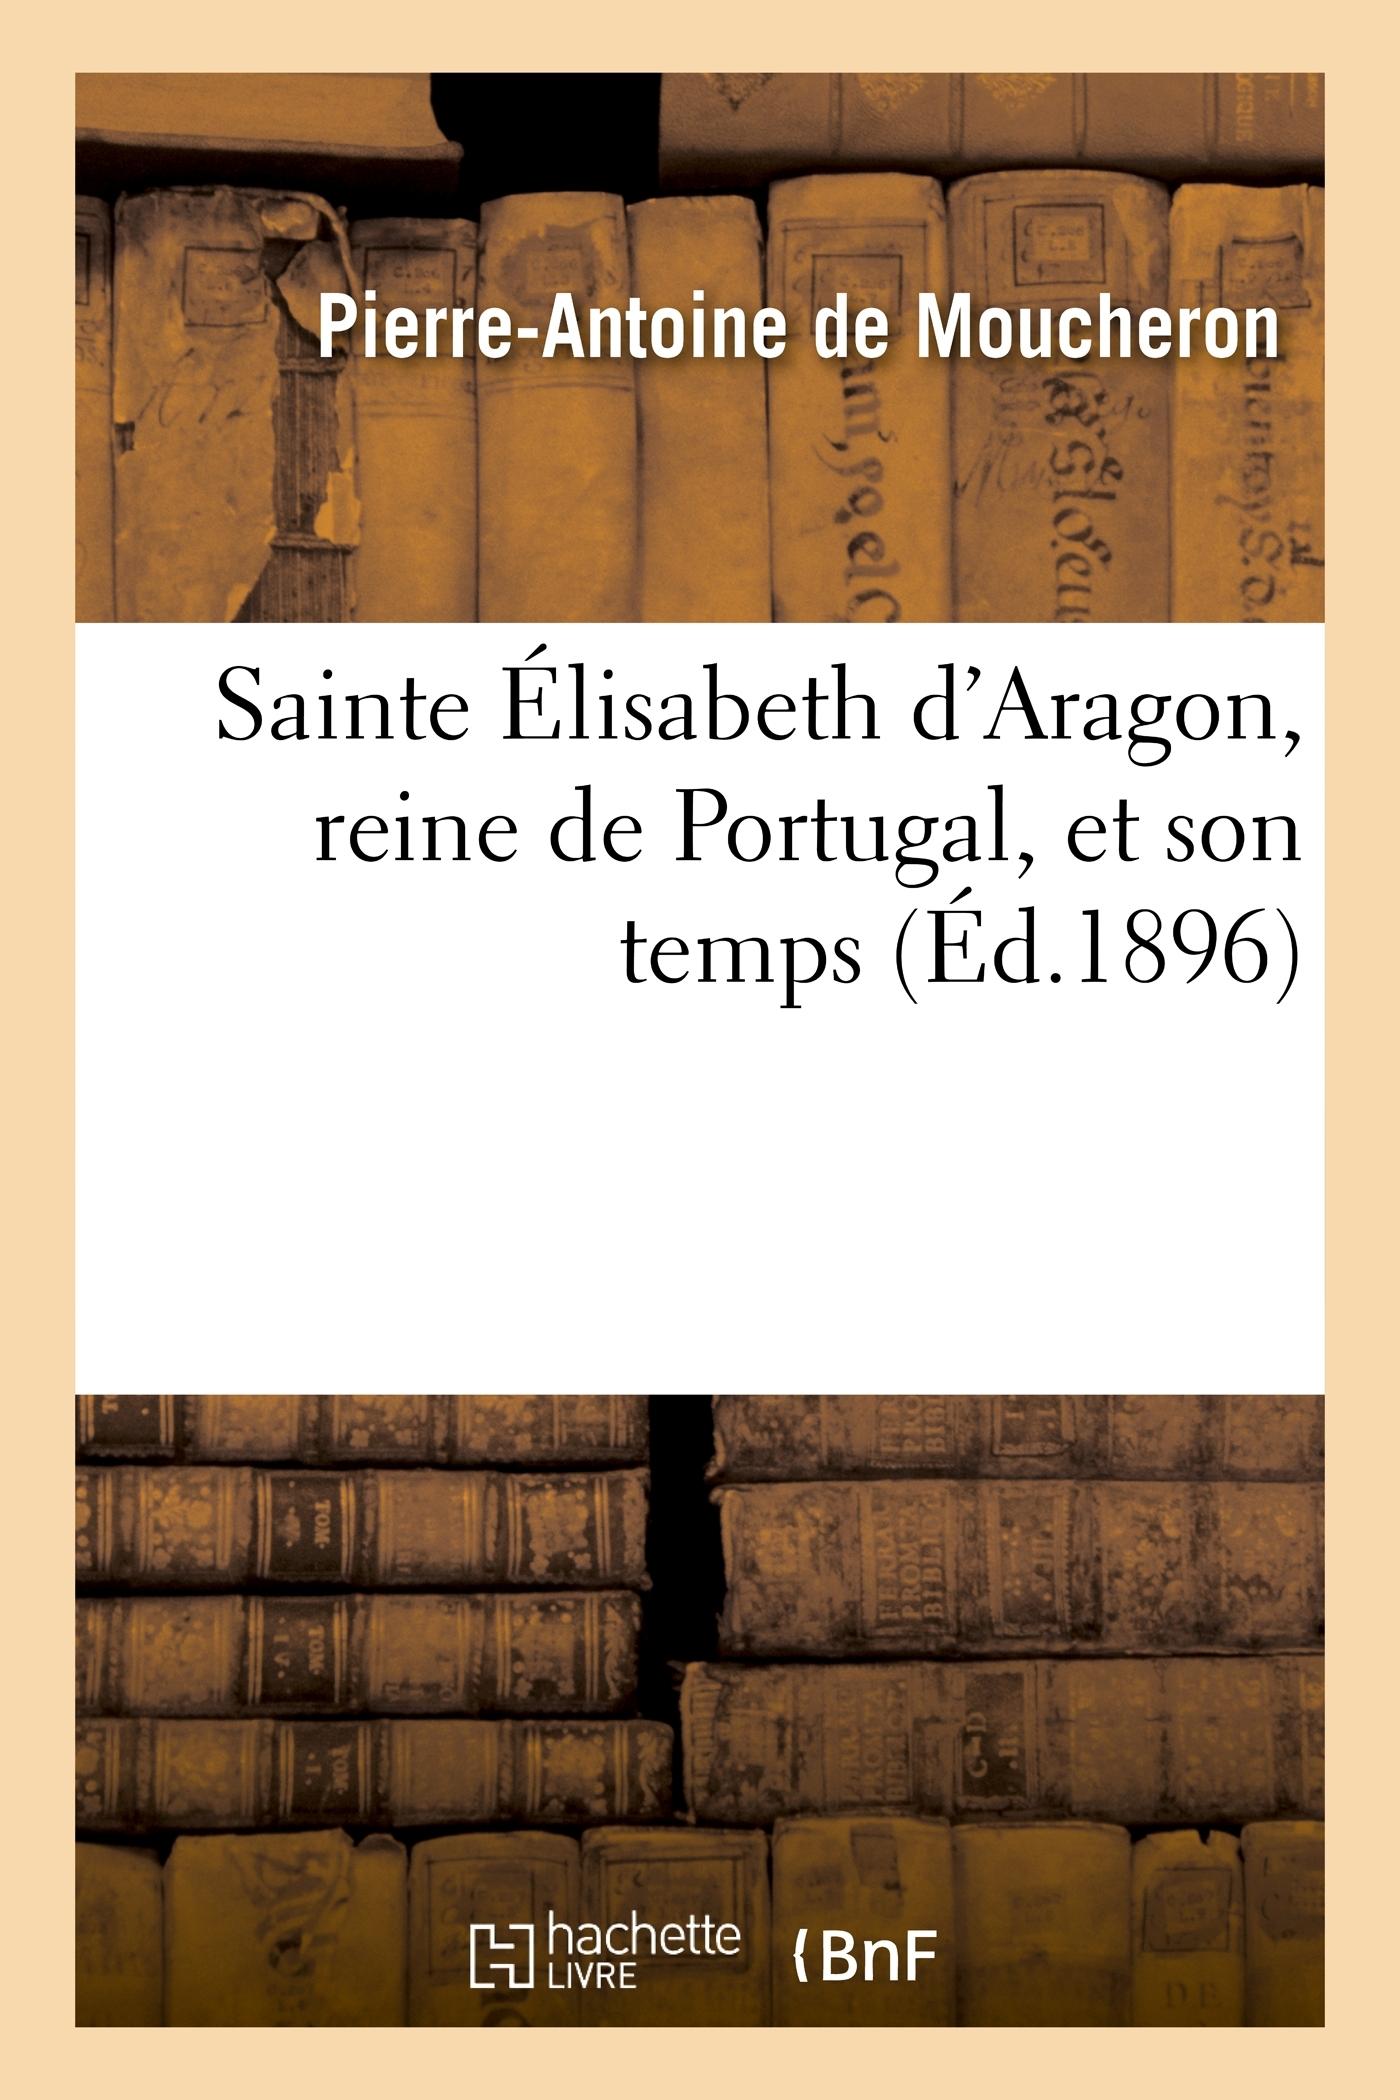 SAINTE ELISABETH D'ARAGON, REINE DE PORTUGAL, ET SON TEMPS